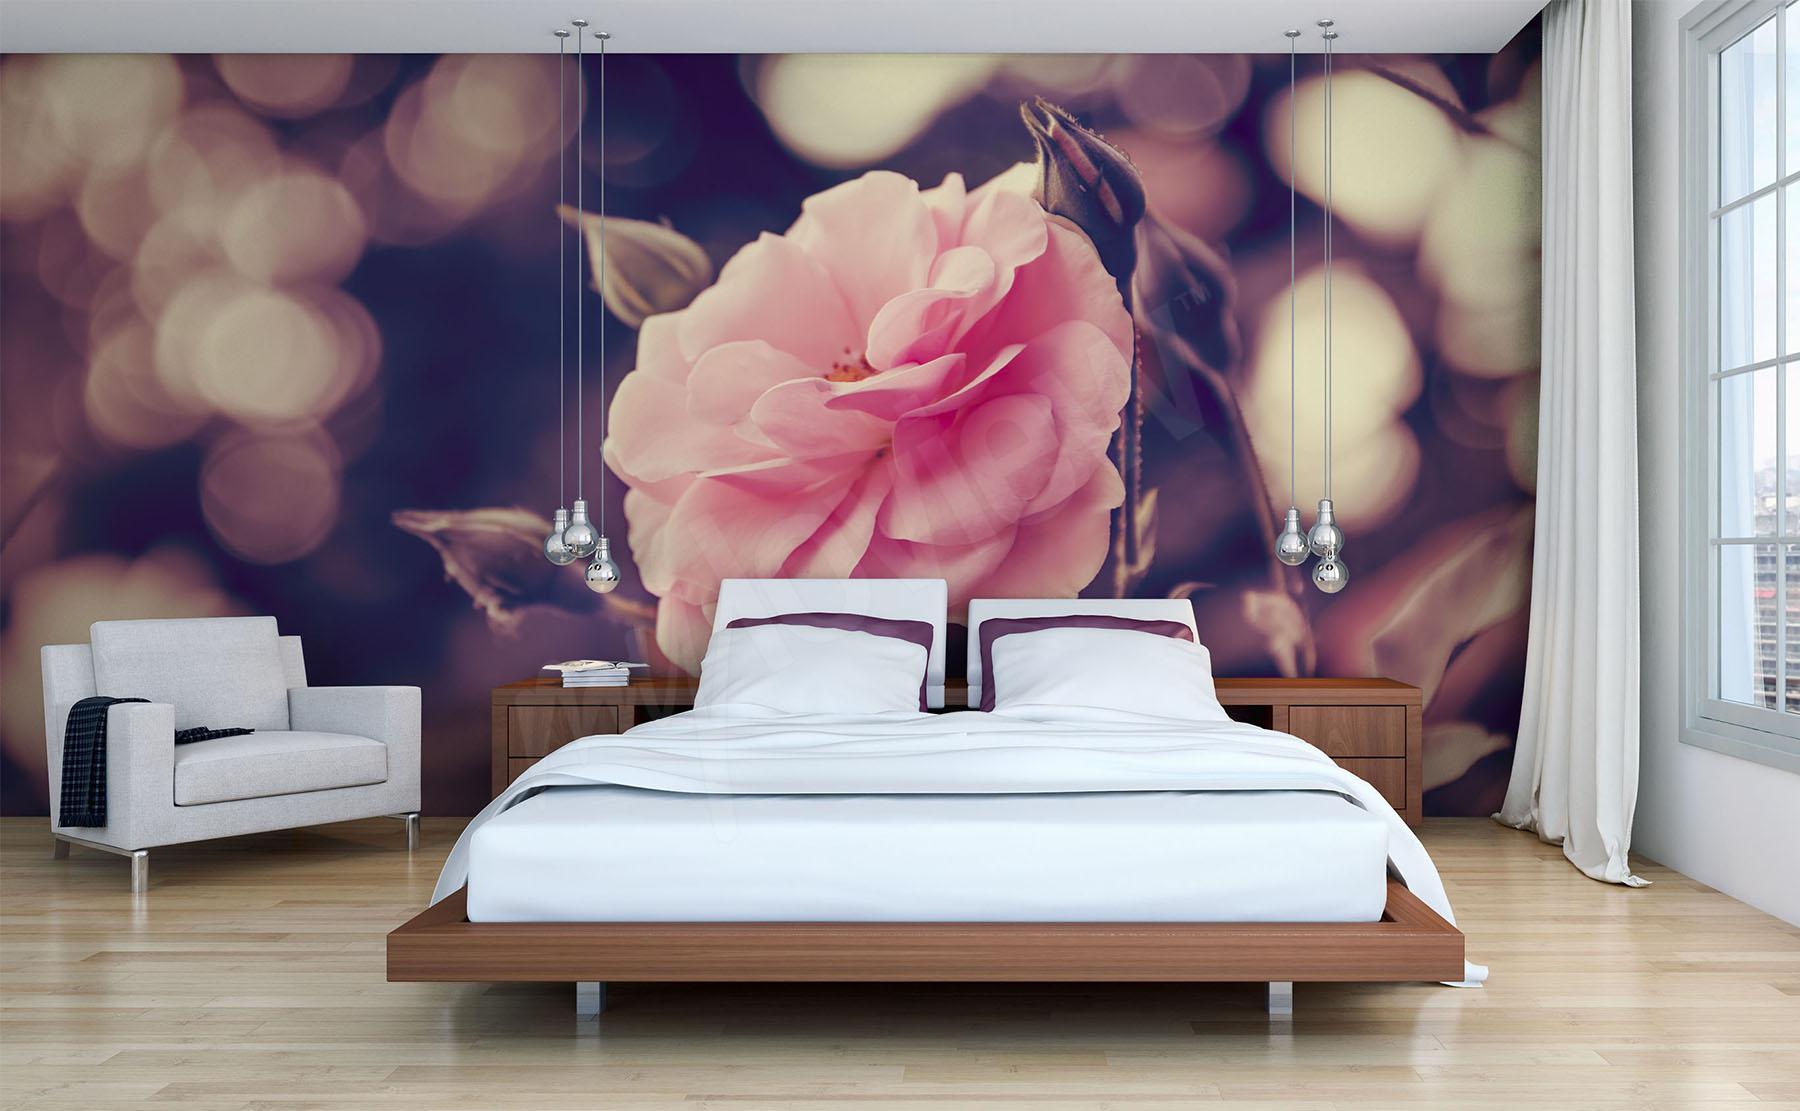 Fototapete 3D Schlafzimmer | Fototapeten Rosen Grosse Der Wand Myloview De